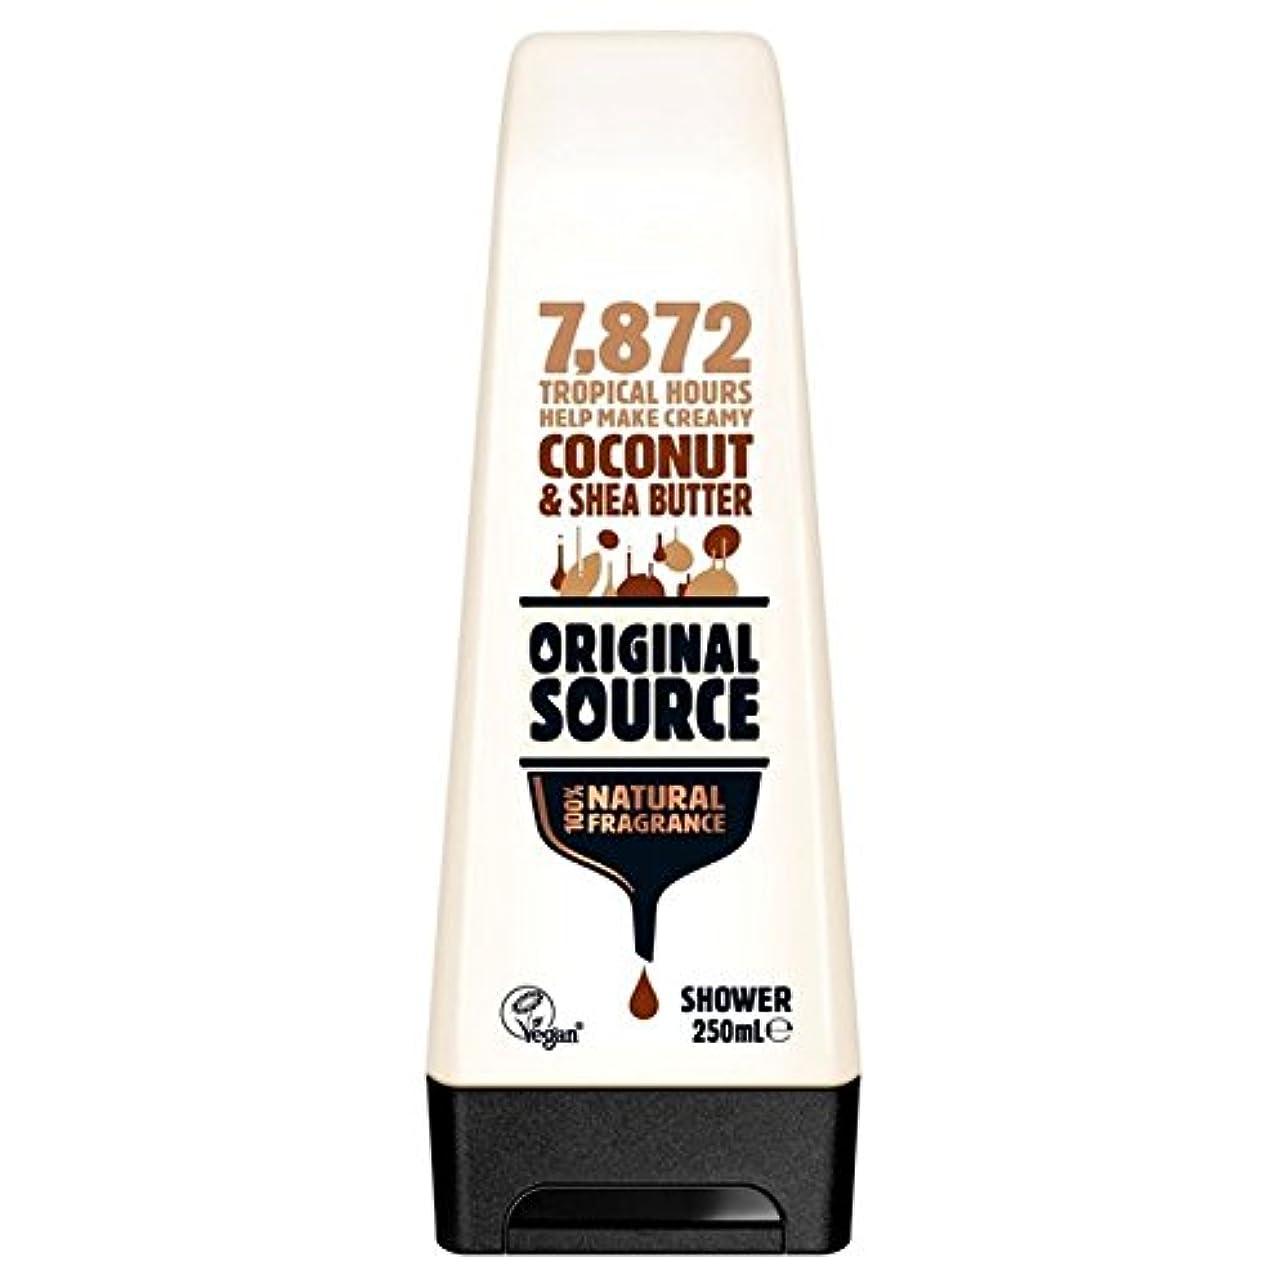 カスケード相続人祭司Original Source Moisturising Coconut & Shea Butter Shower Gel 250ml - 元のソース保湿ココナッツ&シアバターシャワージェル250ミリリットル [並行輸入品]